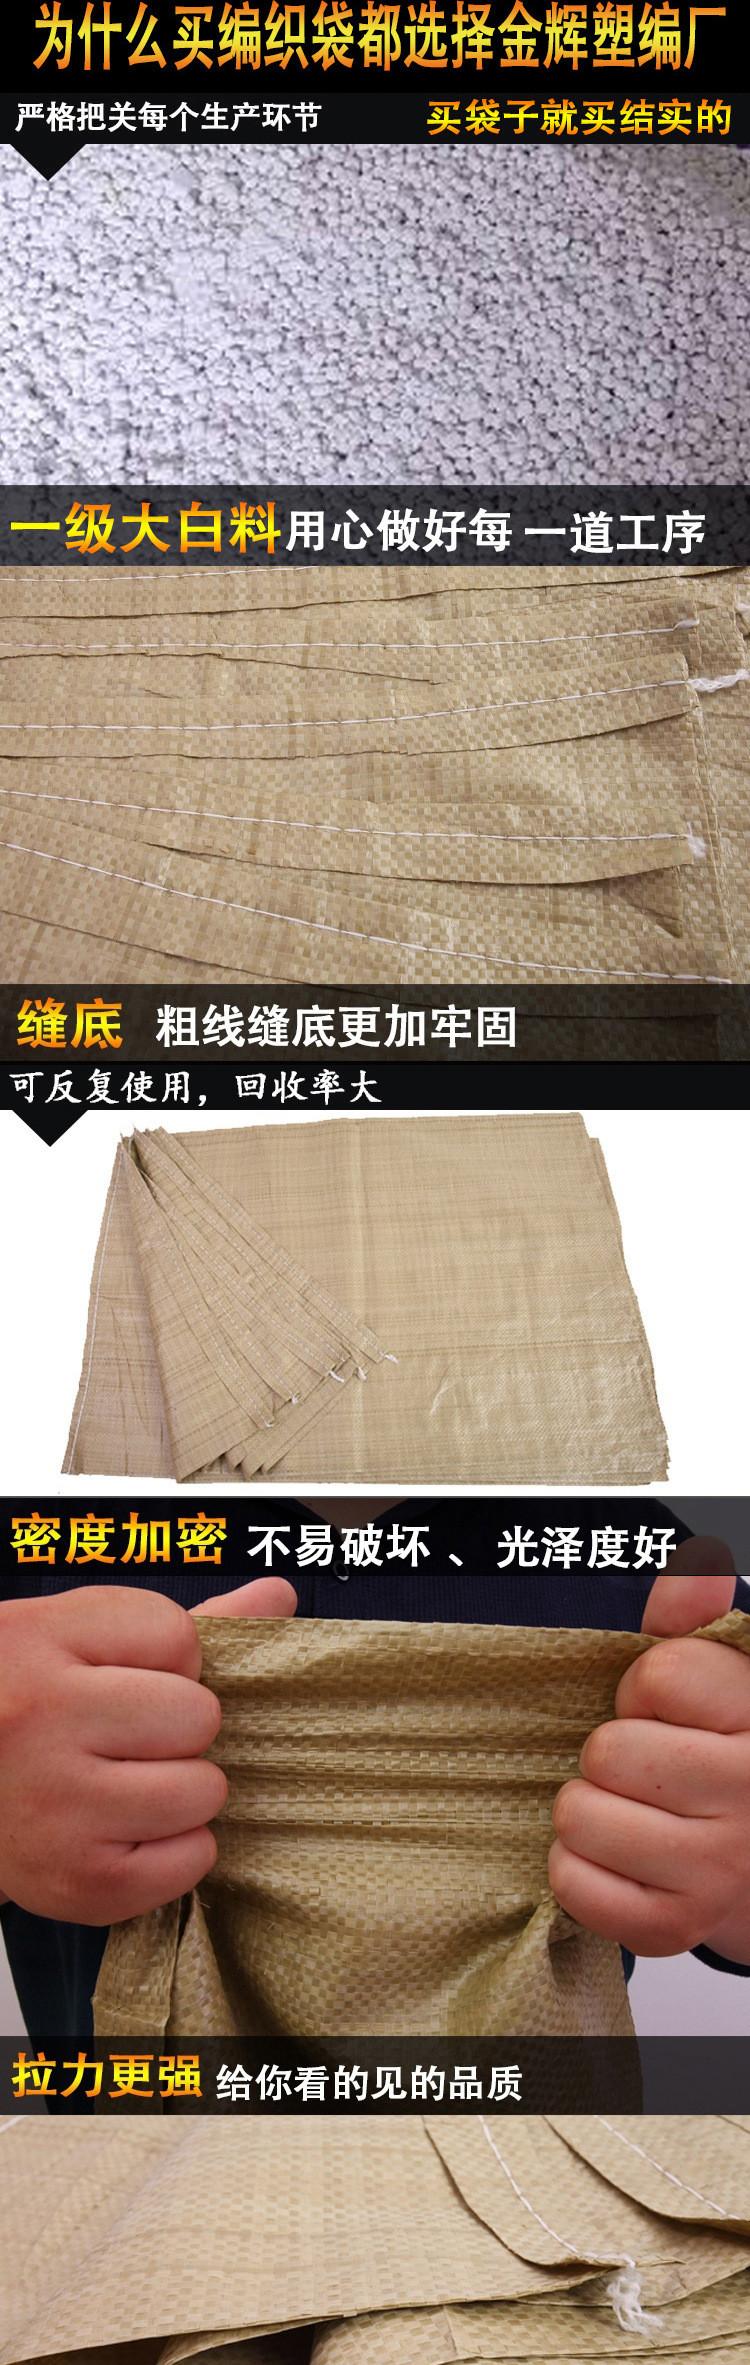 蛇皮��袋�S家塑料蛇皮口袋批�l快�f��袋蛇皮包�b袋55*97薄款示例�D20